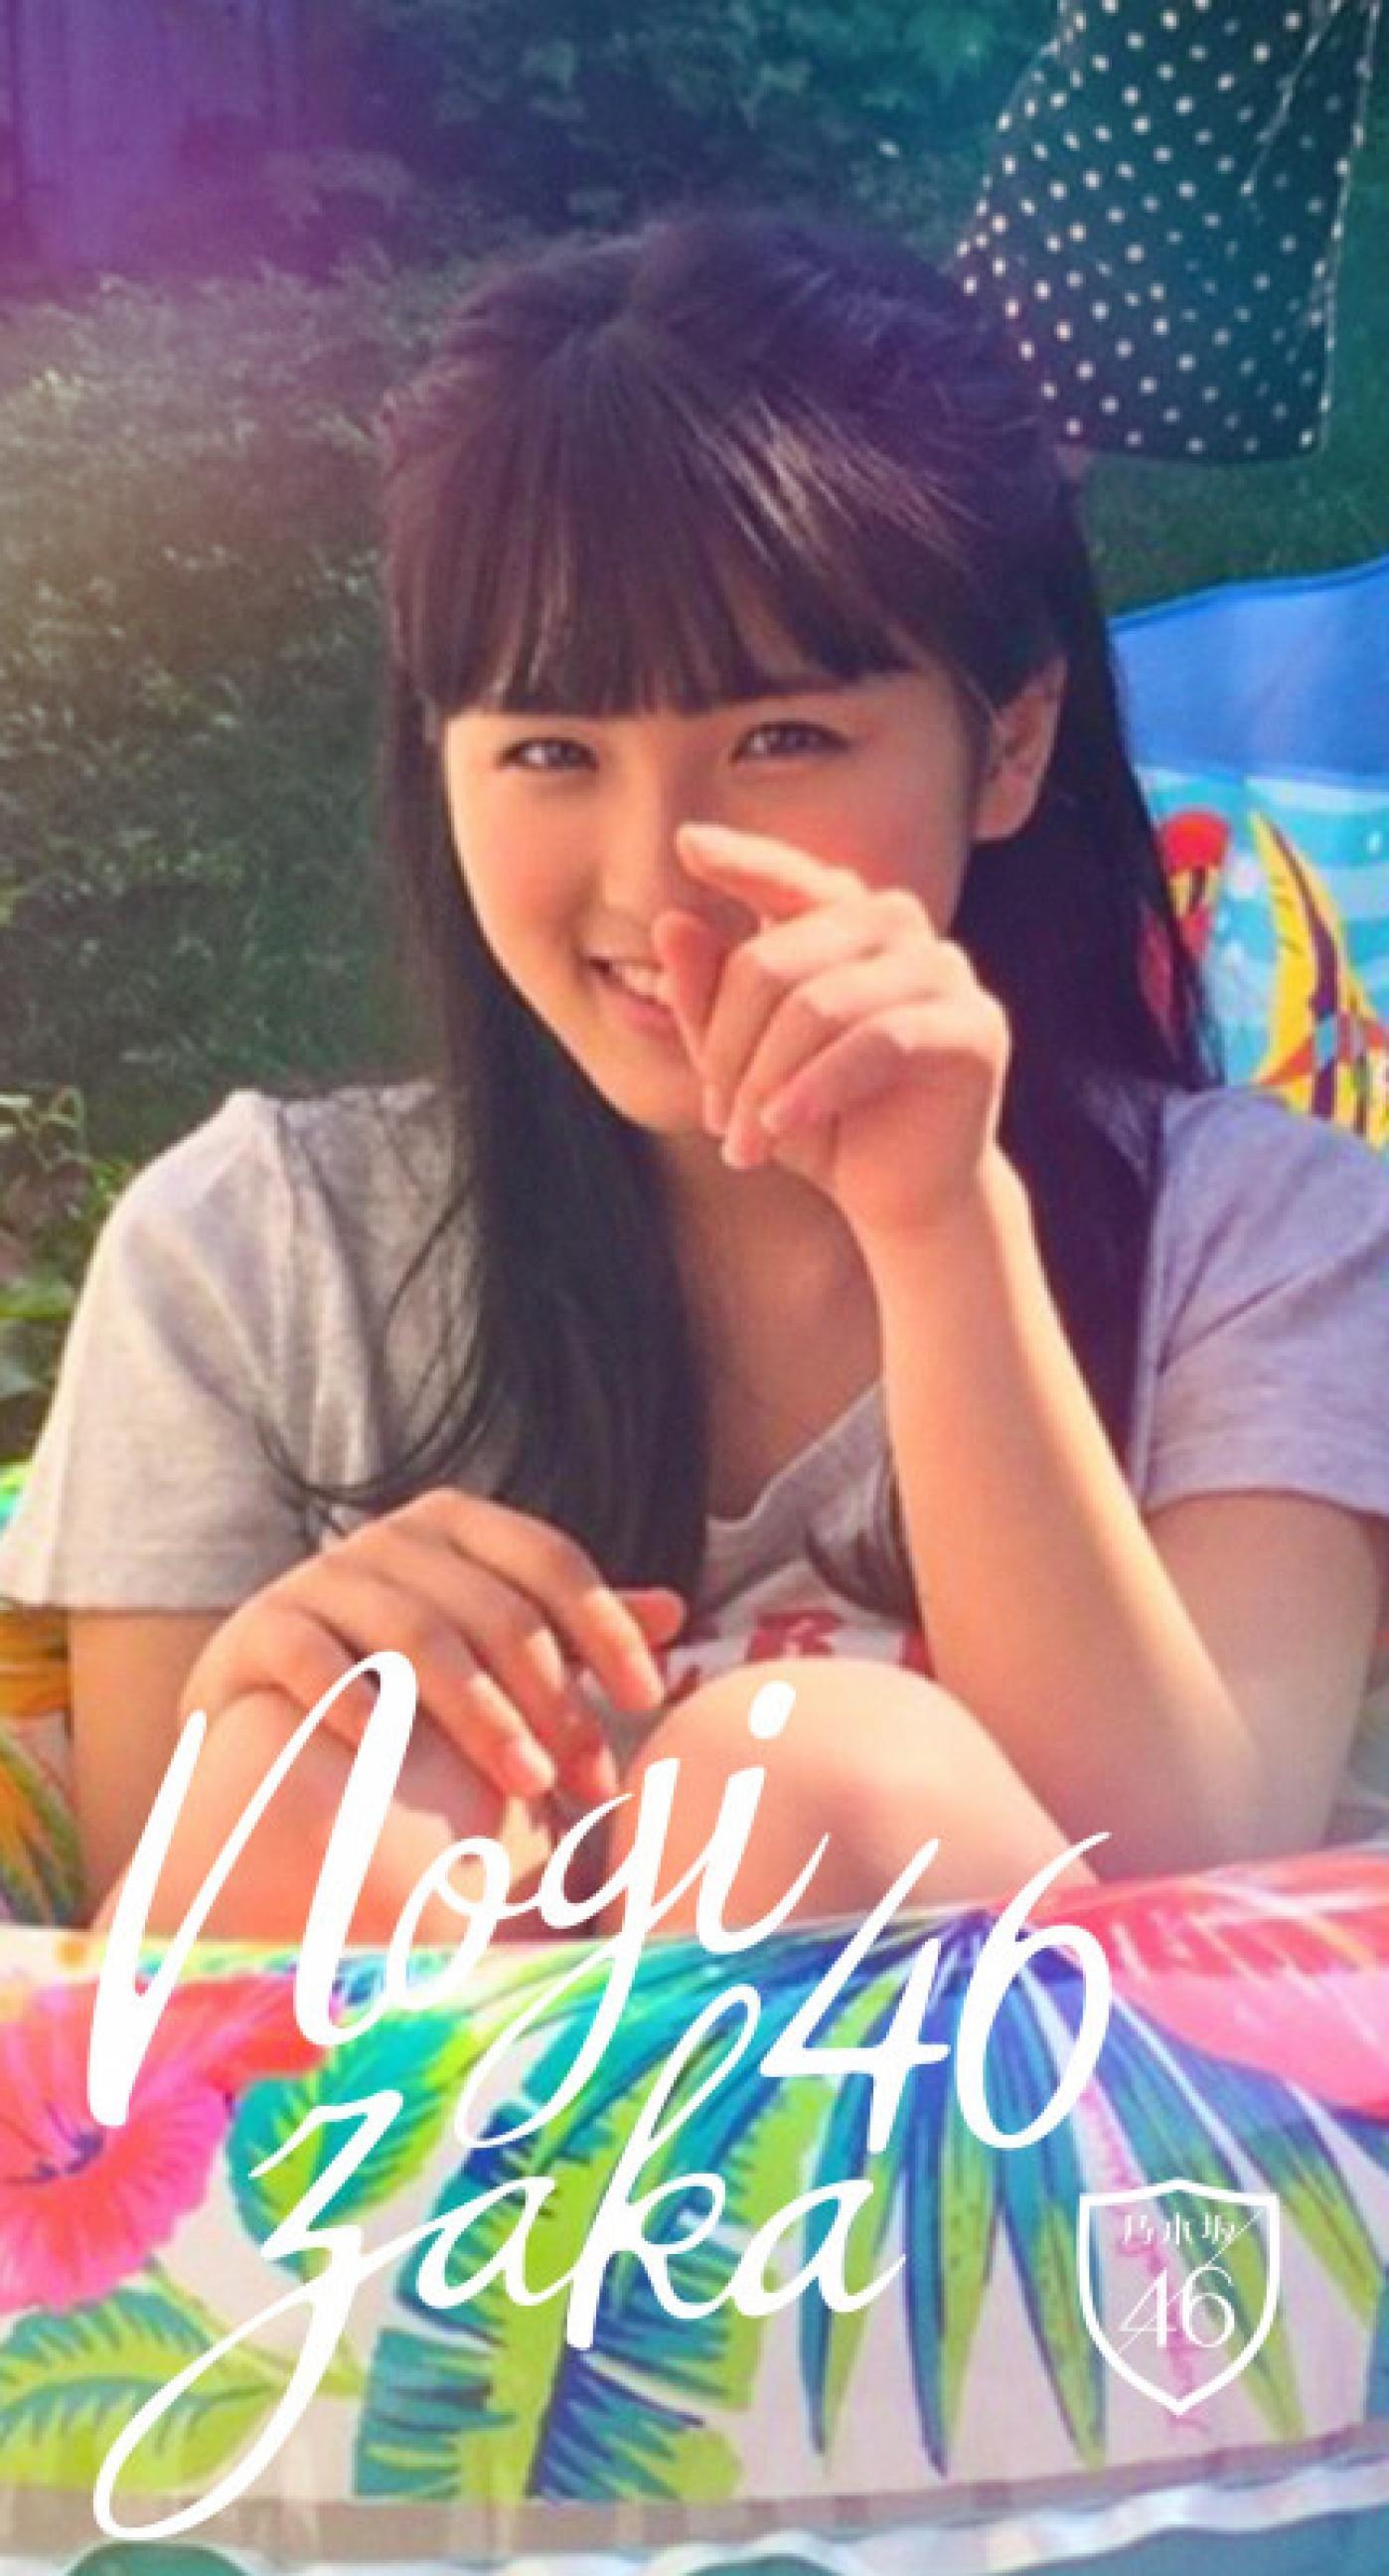 乃木坂46 大園桃子スマホ壁紙画像 170824 02 乃木坂46壁紙